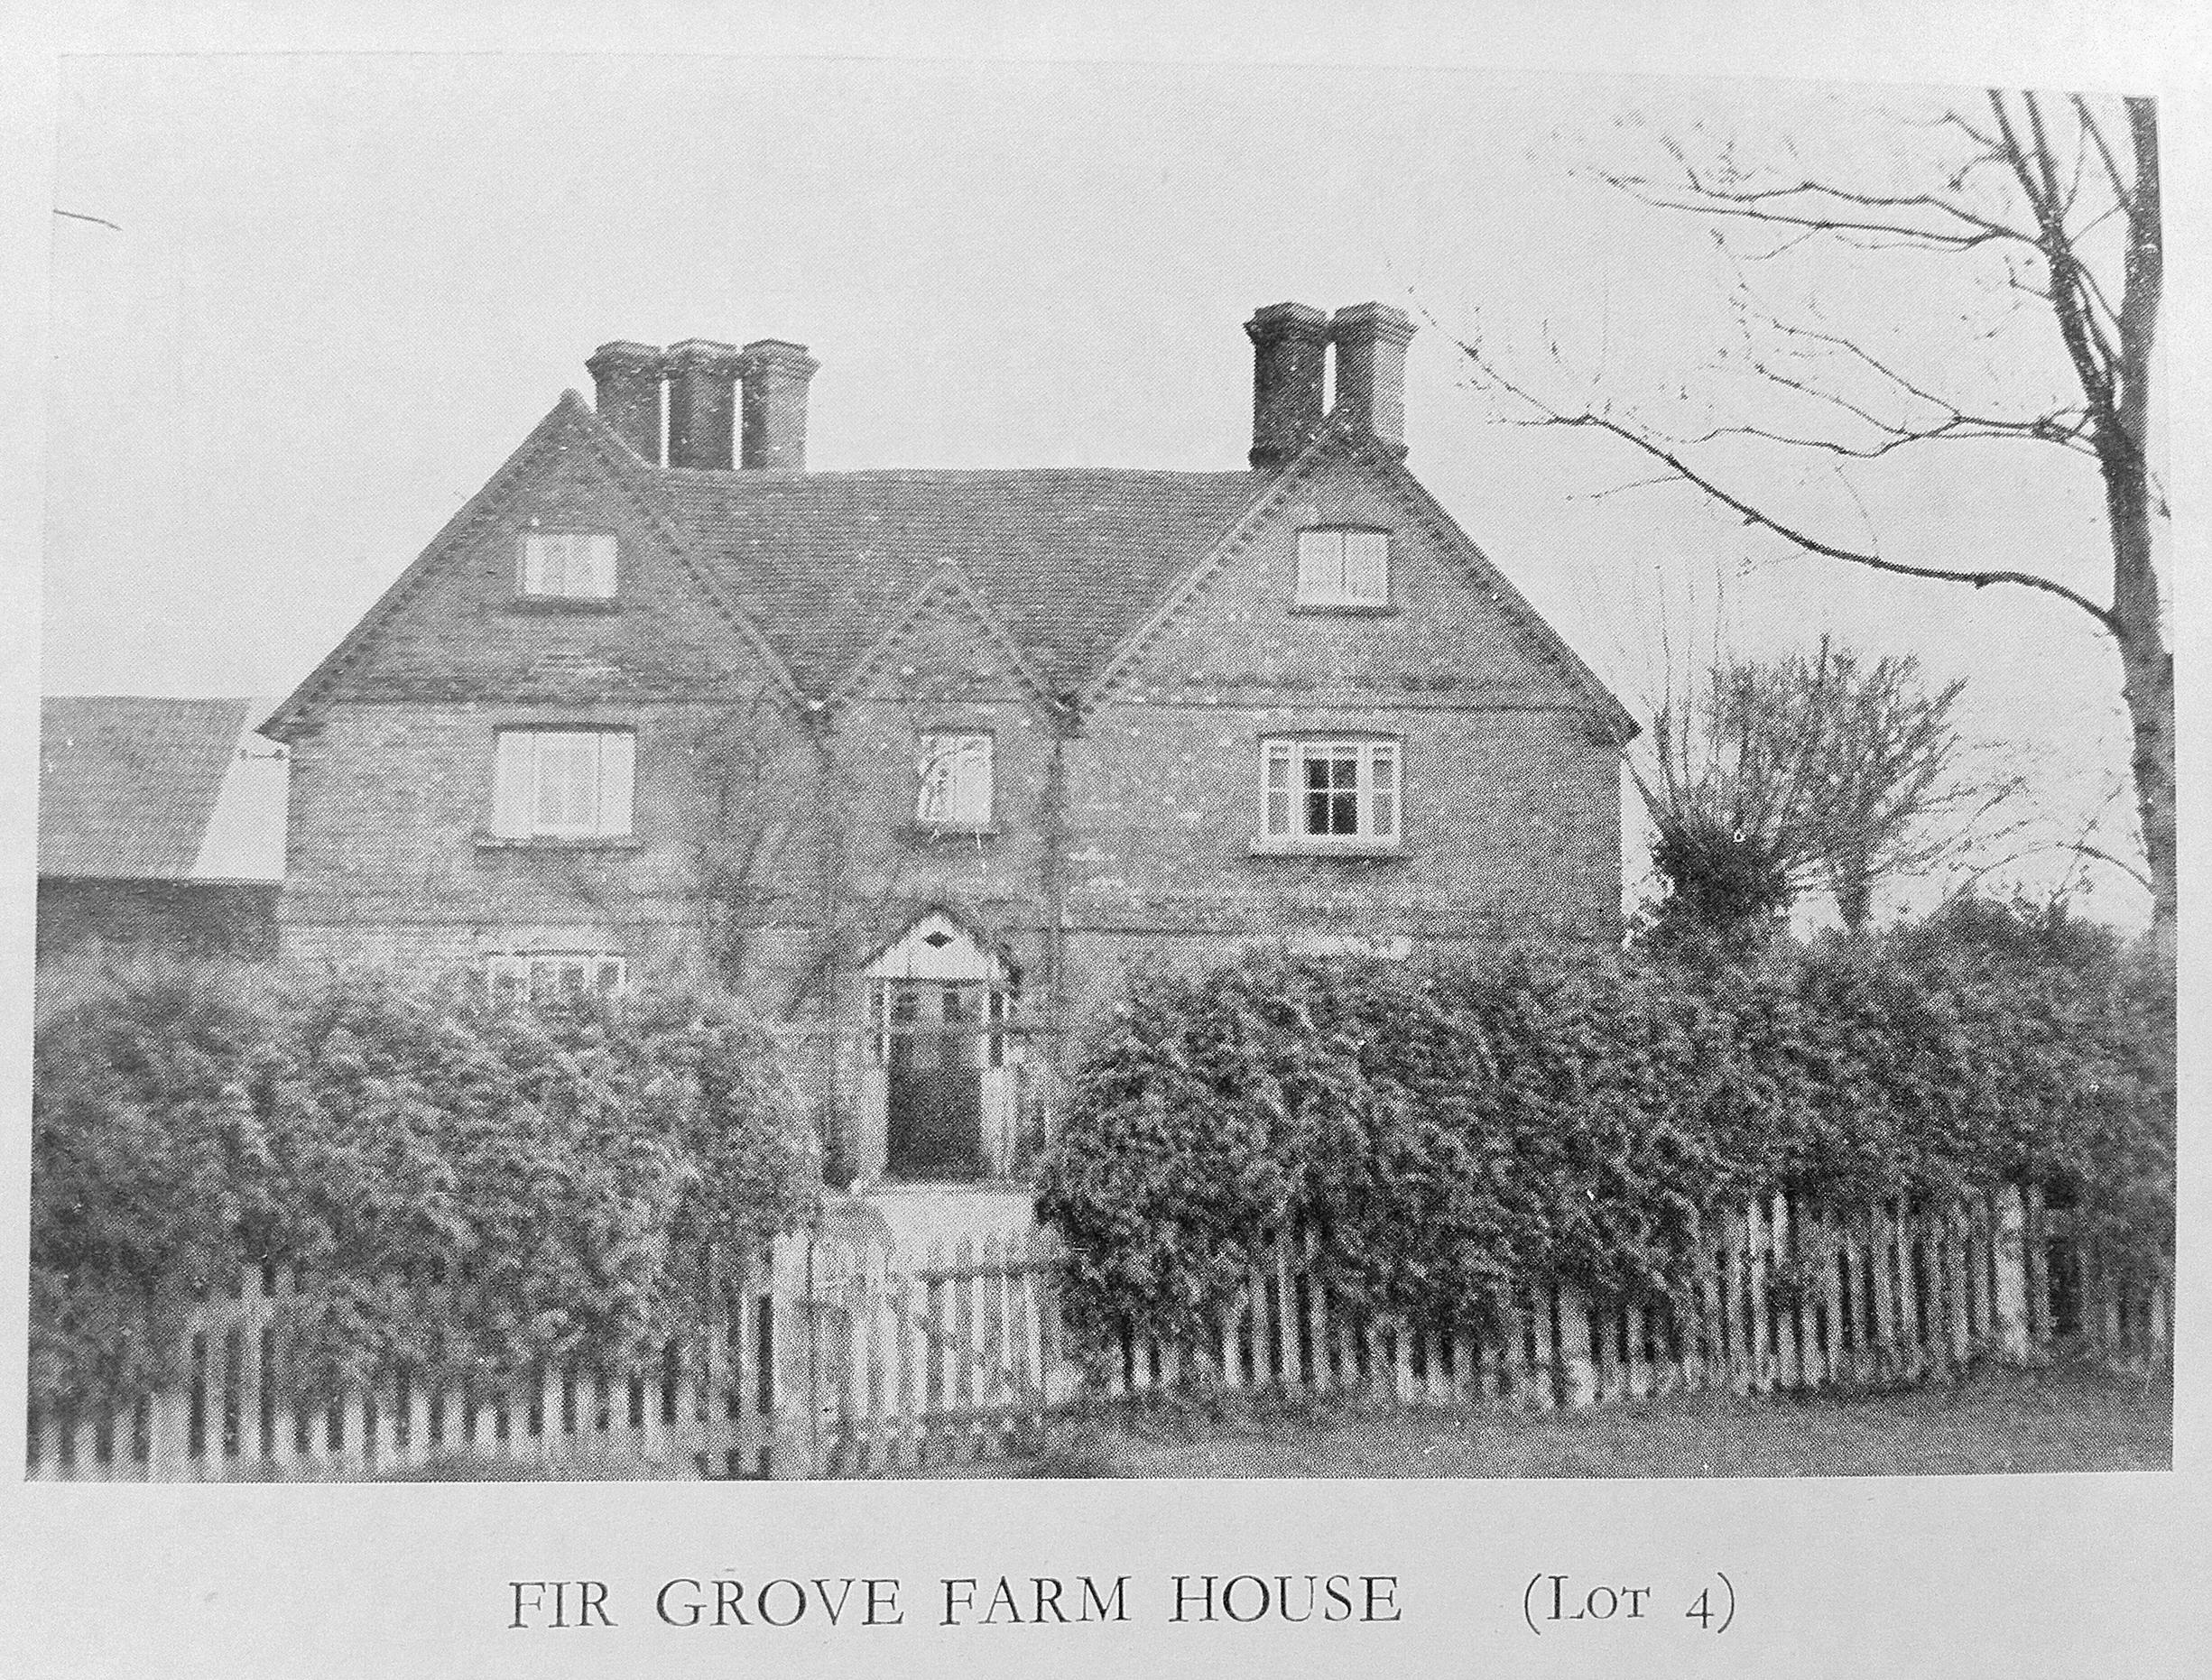 Fir Grove Farm House lot 4 photo